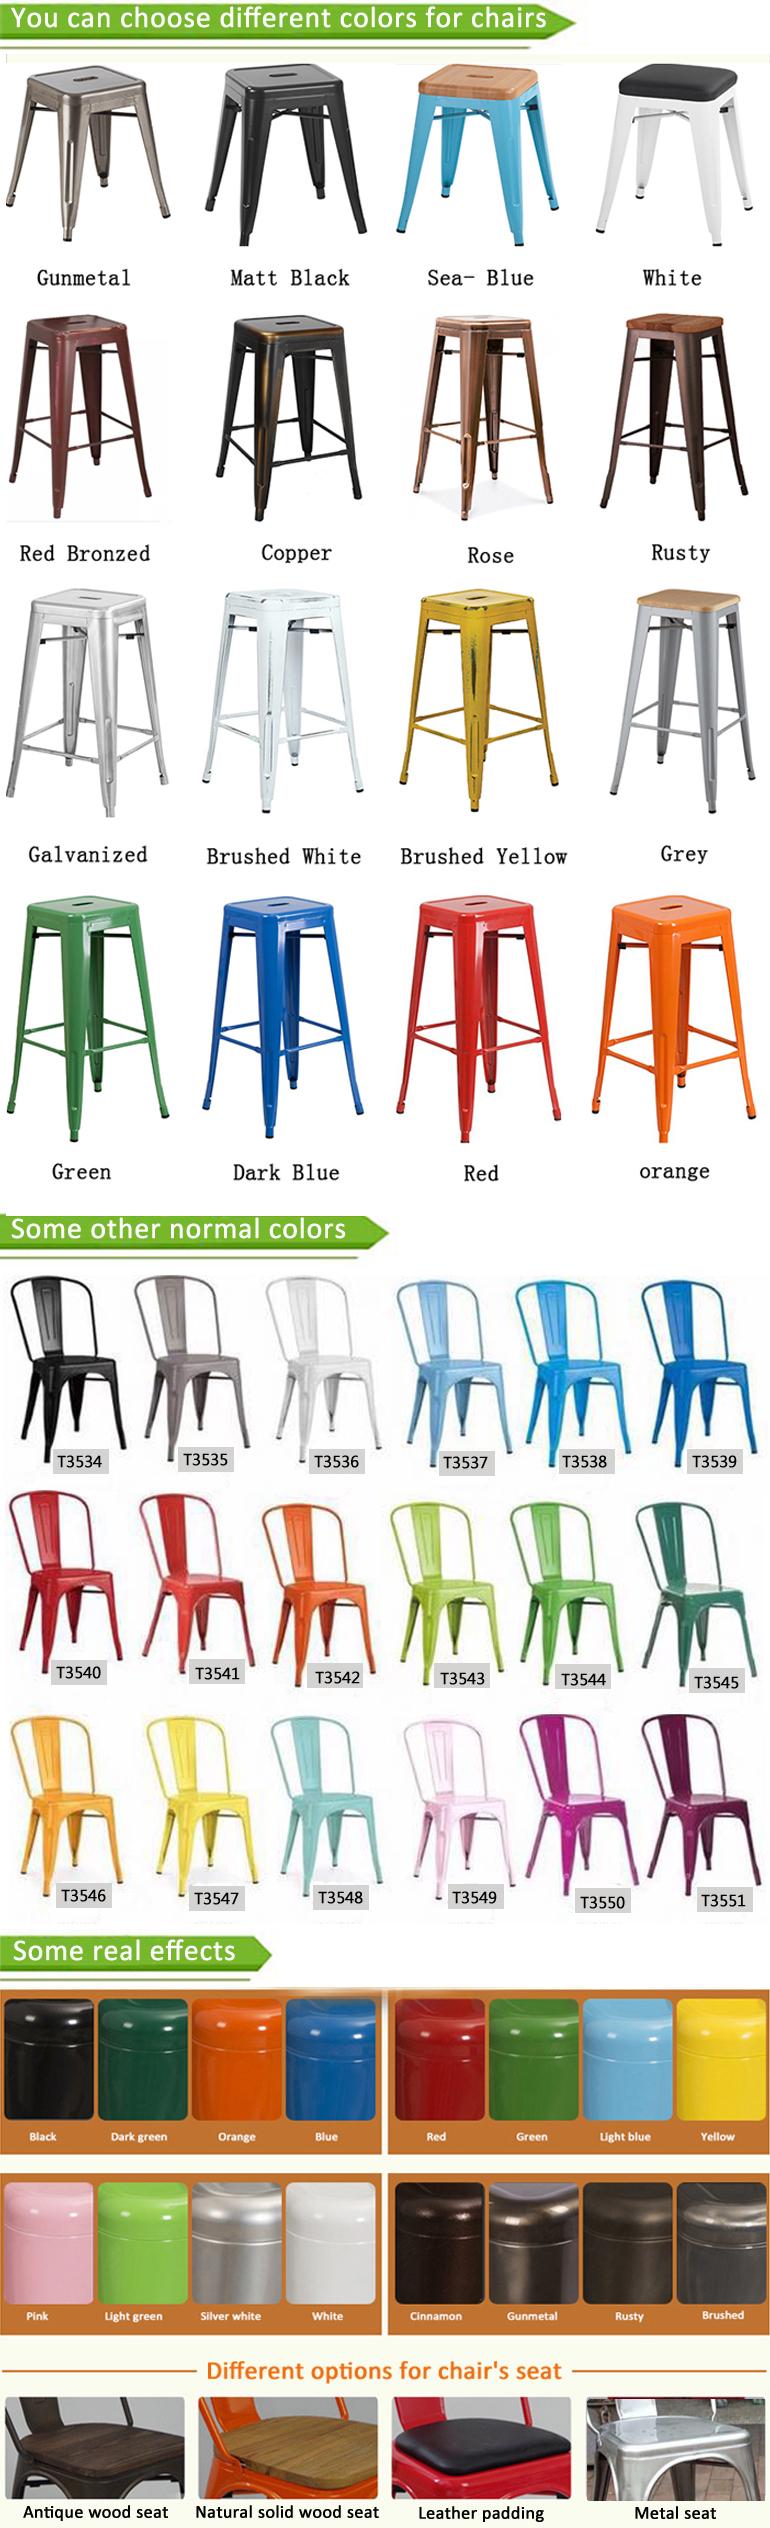 ハイサイドバー格安カフェレストランbw 30 ''高さの木製のシート金属フレームダイニングバースツールバーの椅子